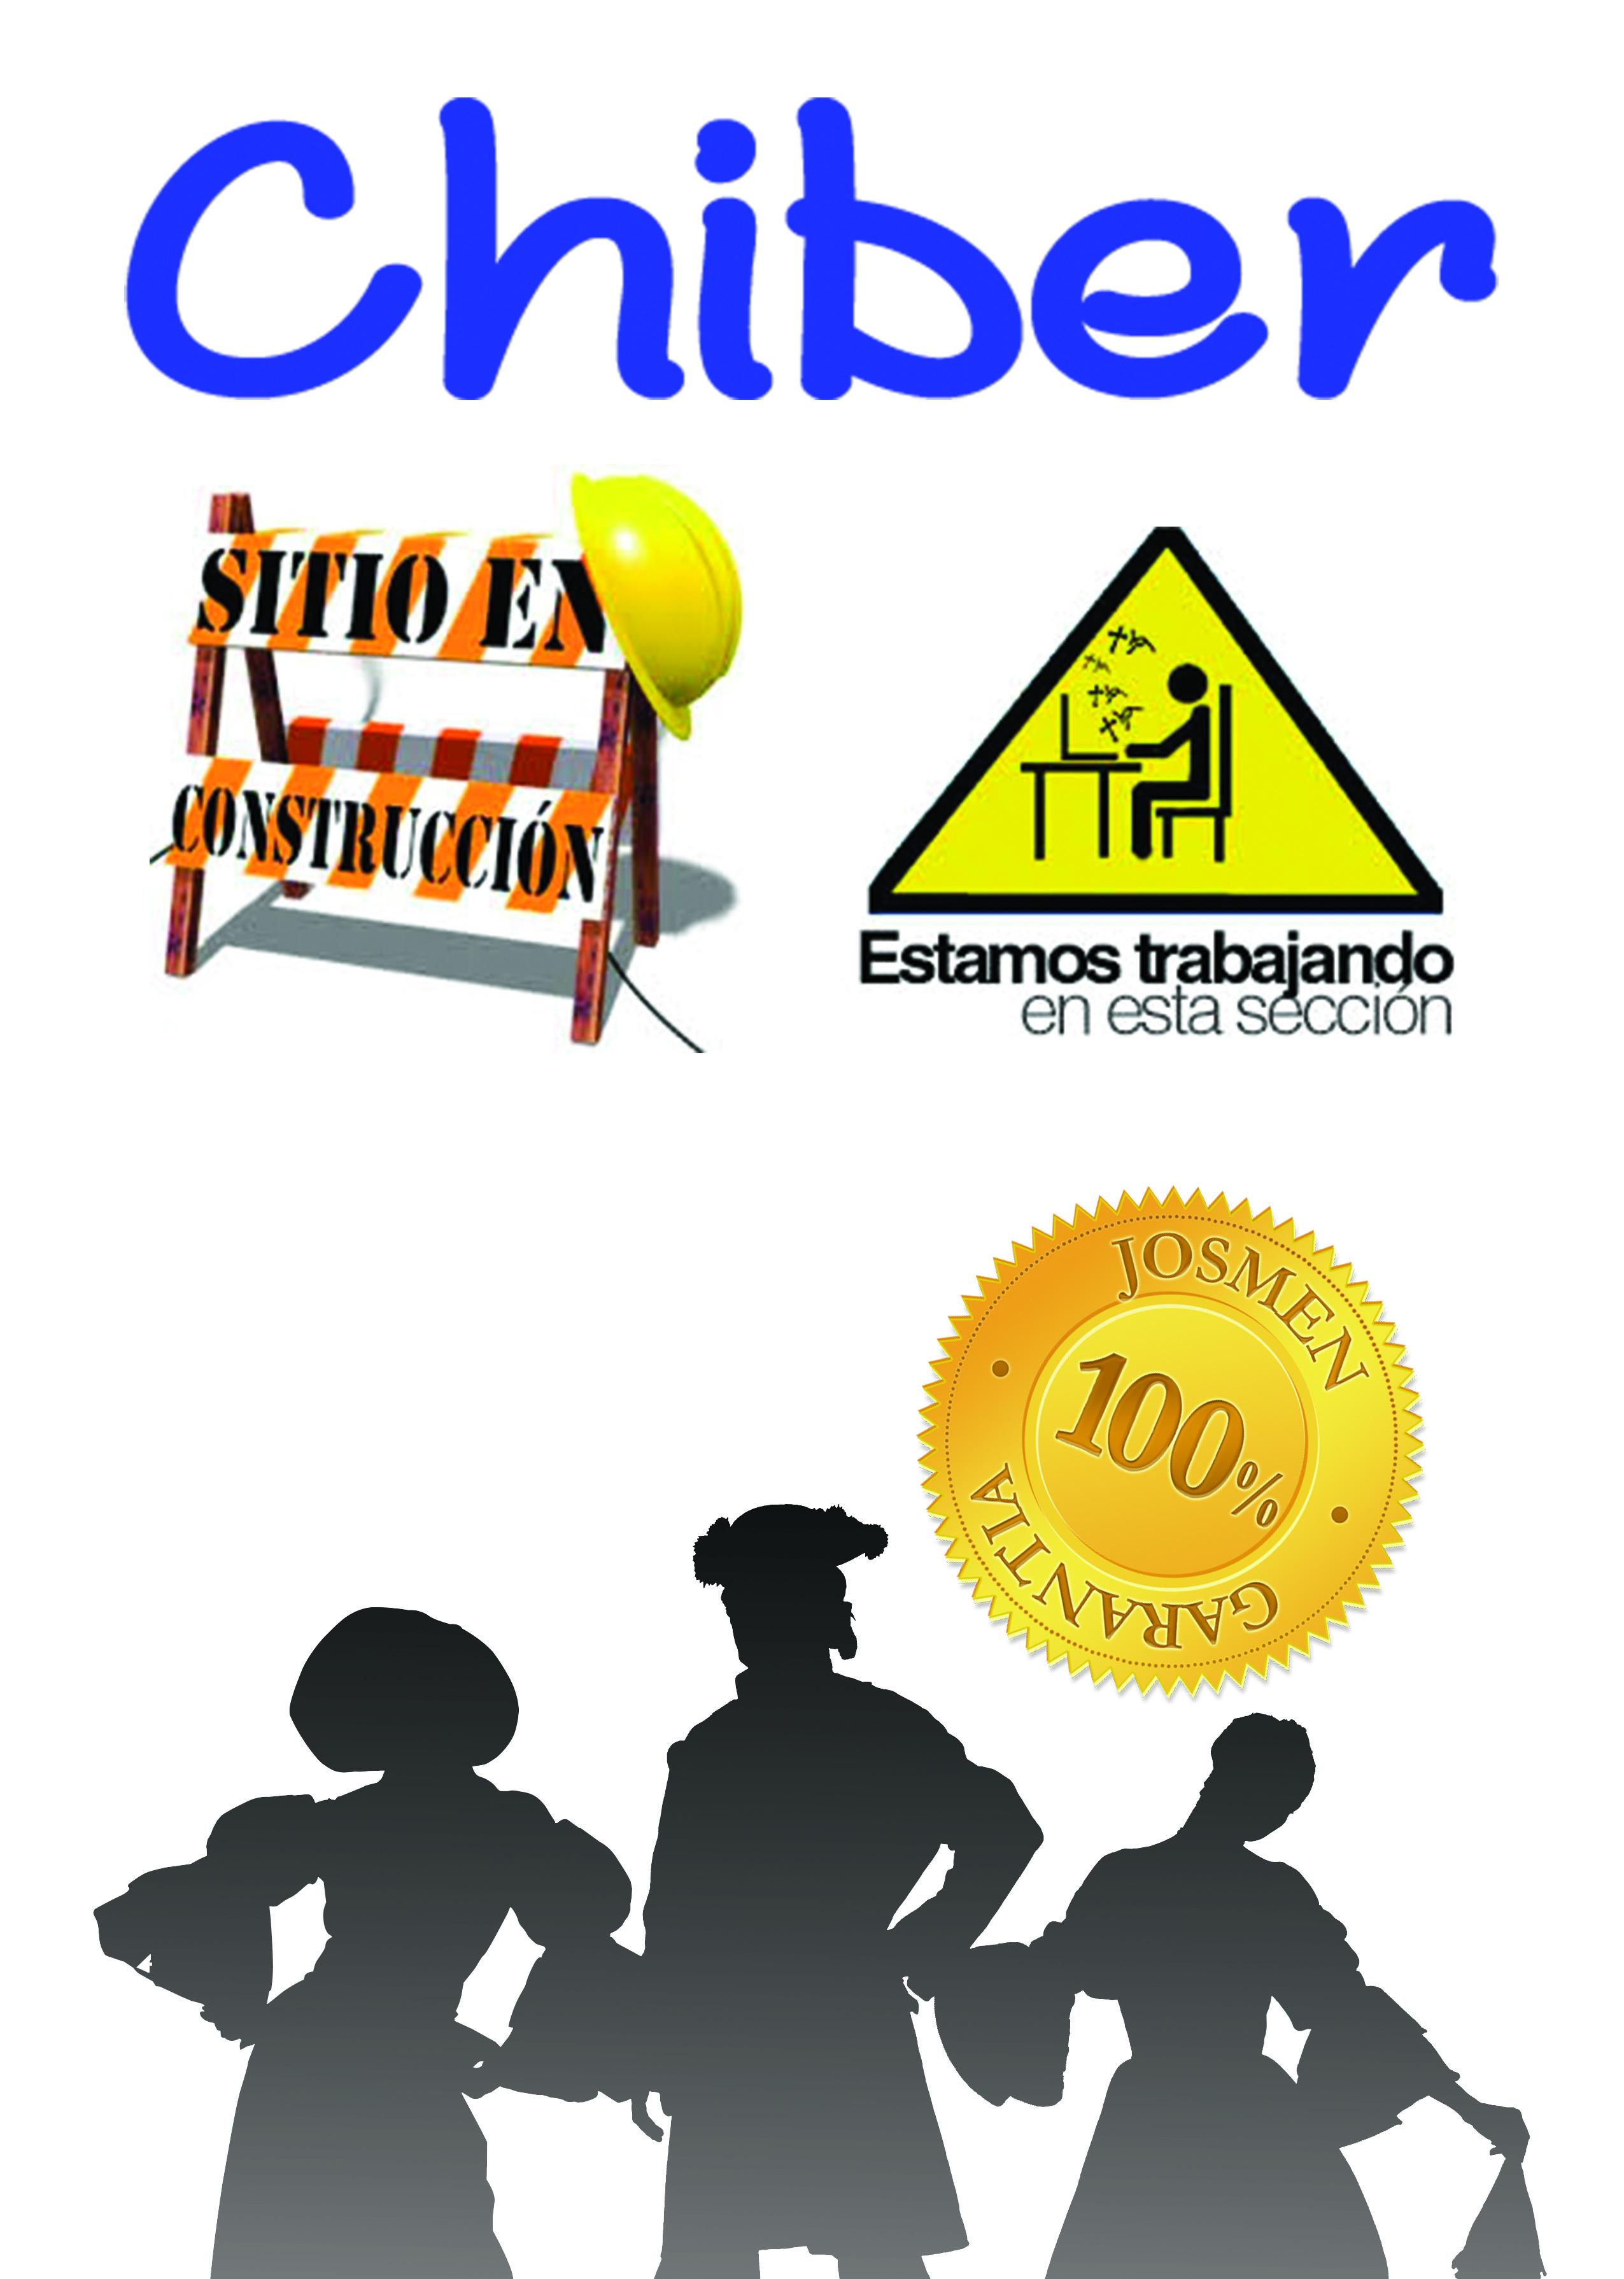 999 español EN CONSTRUCCION chiber.jpg